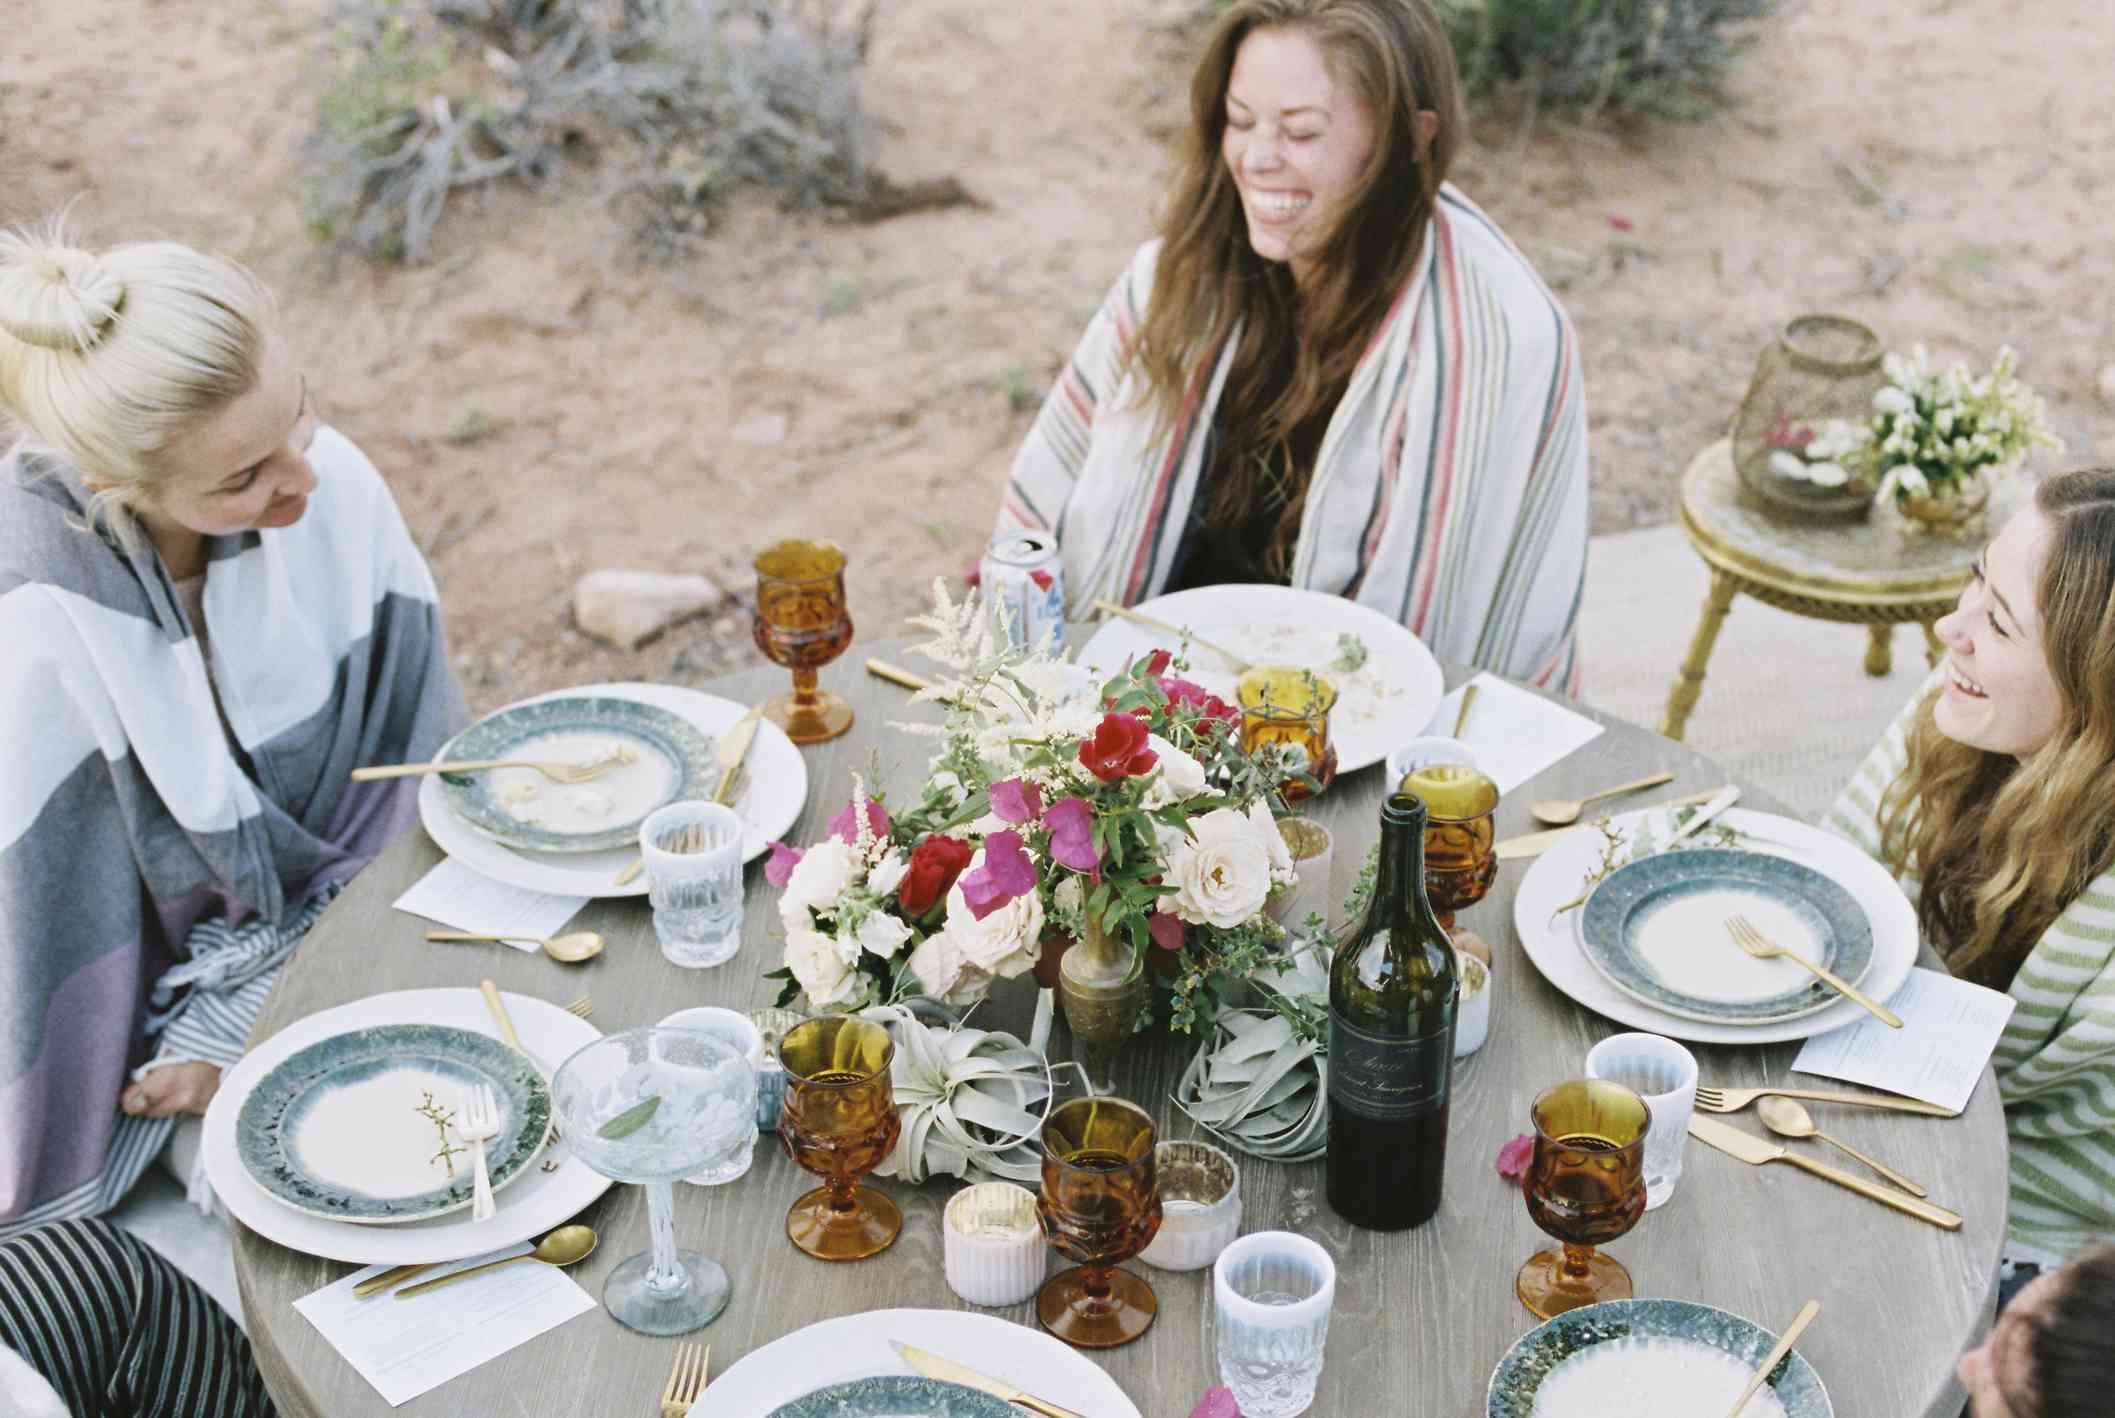 A small group of women enjoying an outdoor meal in a desert